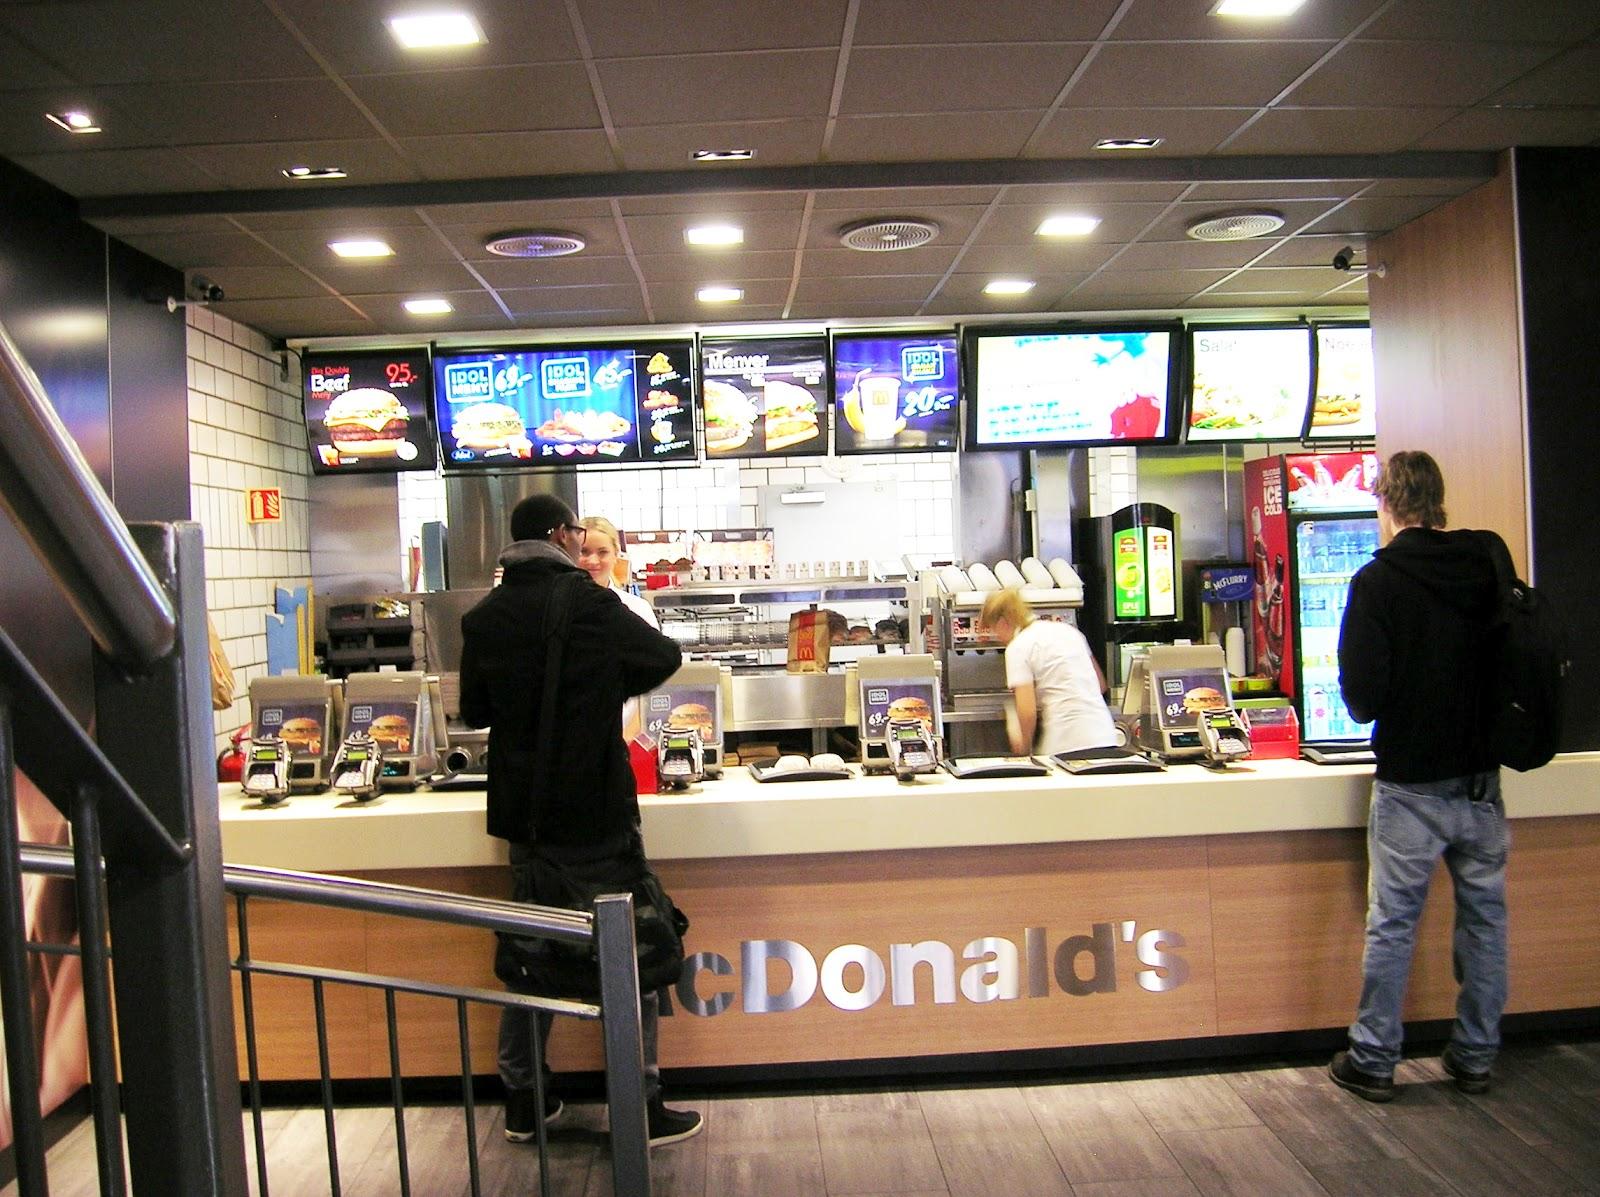 McDonald's,Oslo, Noruega, McDonald's Oslo, Norway, McDonald's, Oslo, Norvège, McDonald's, Oslo, Norge, vuelta al mundo, round the world, La vuelta al mundo de Asun y Ricardo